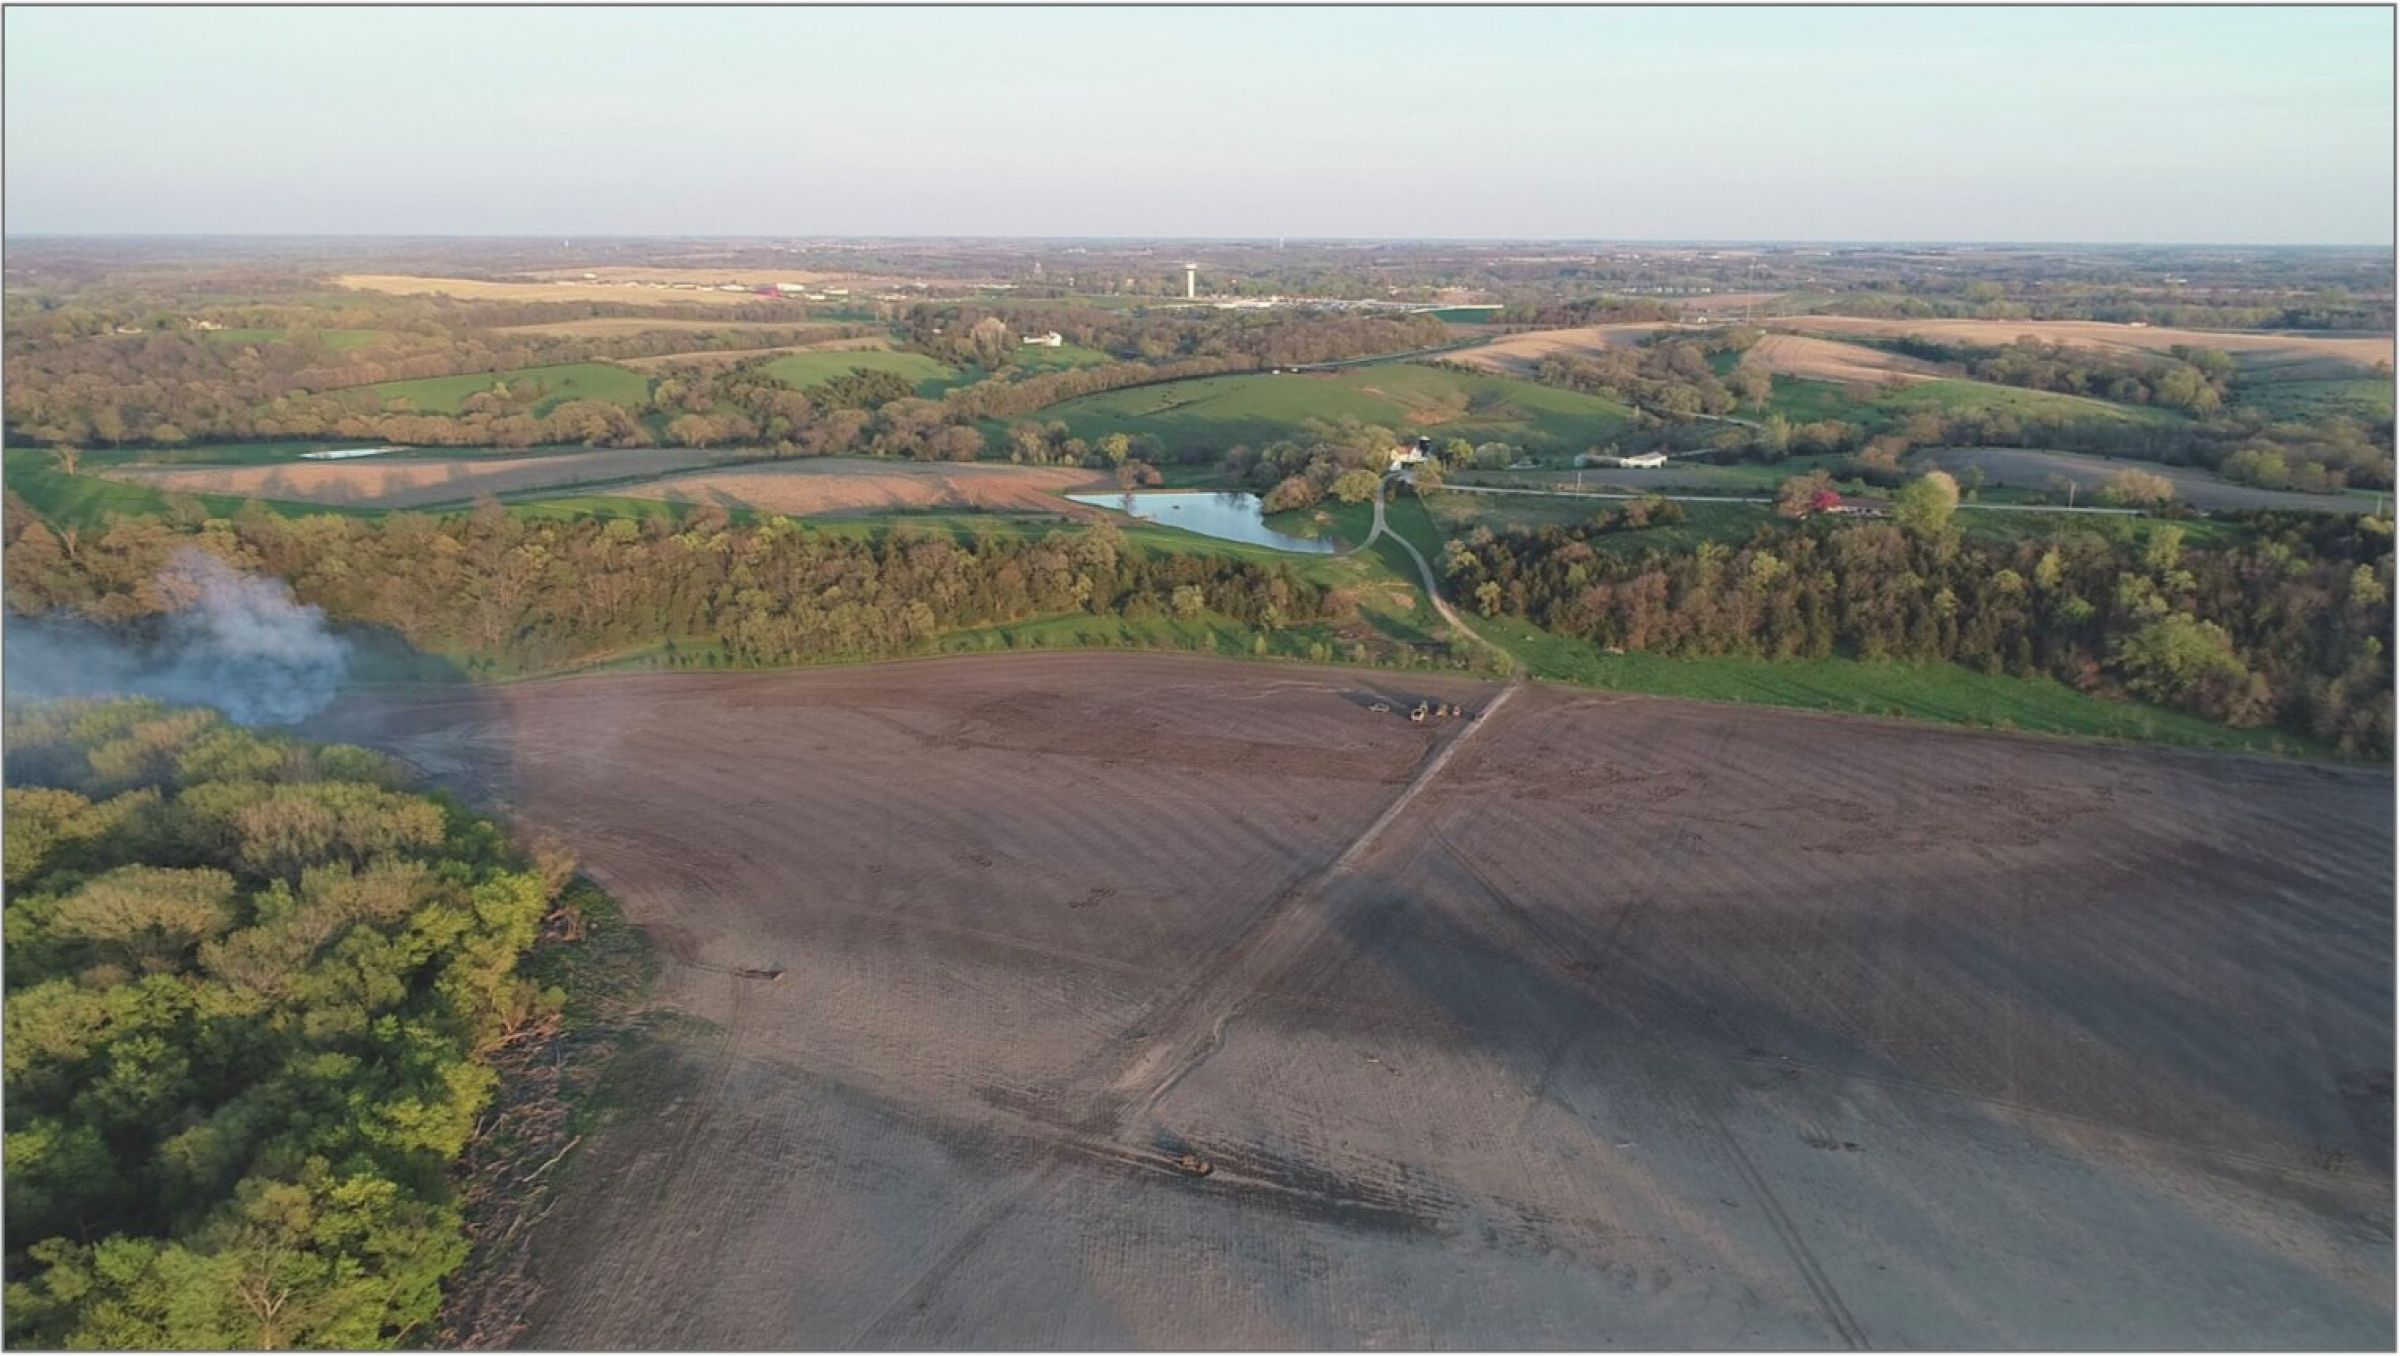 Drone Photo 4